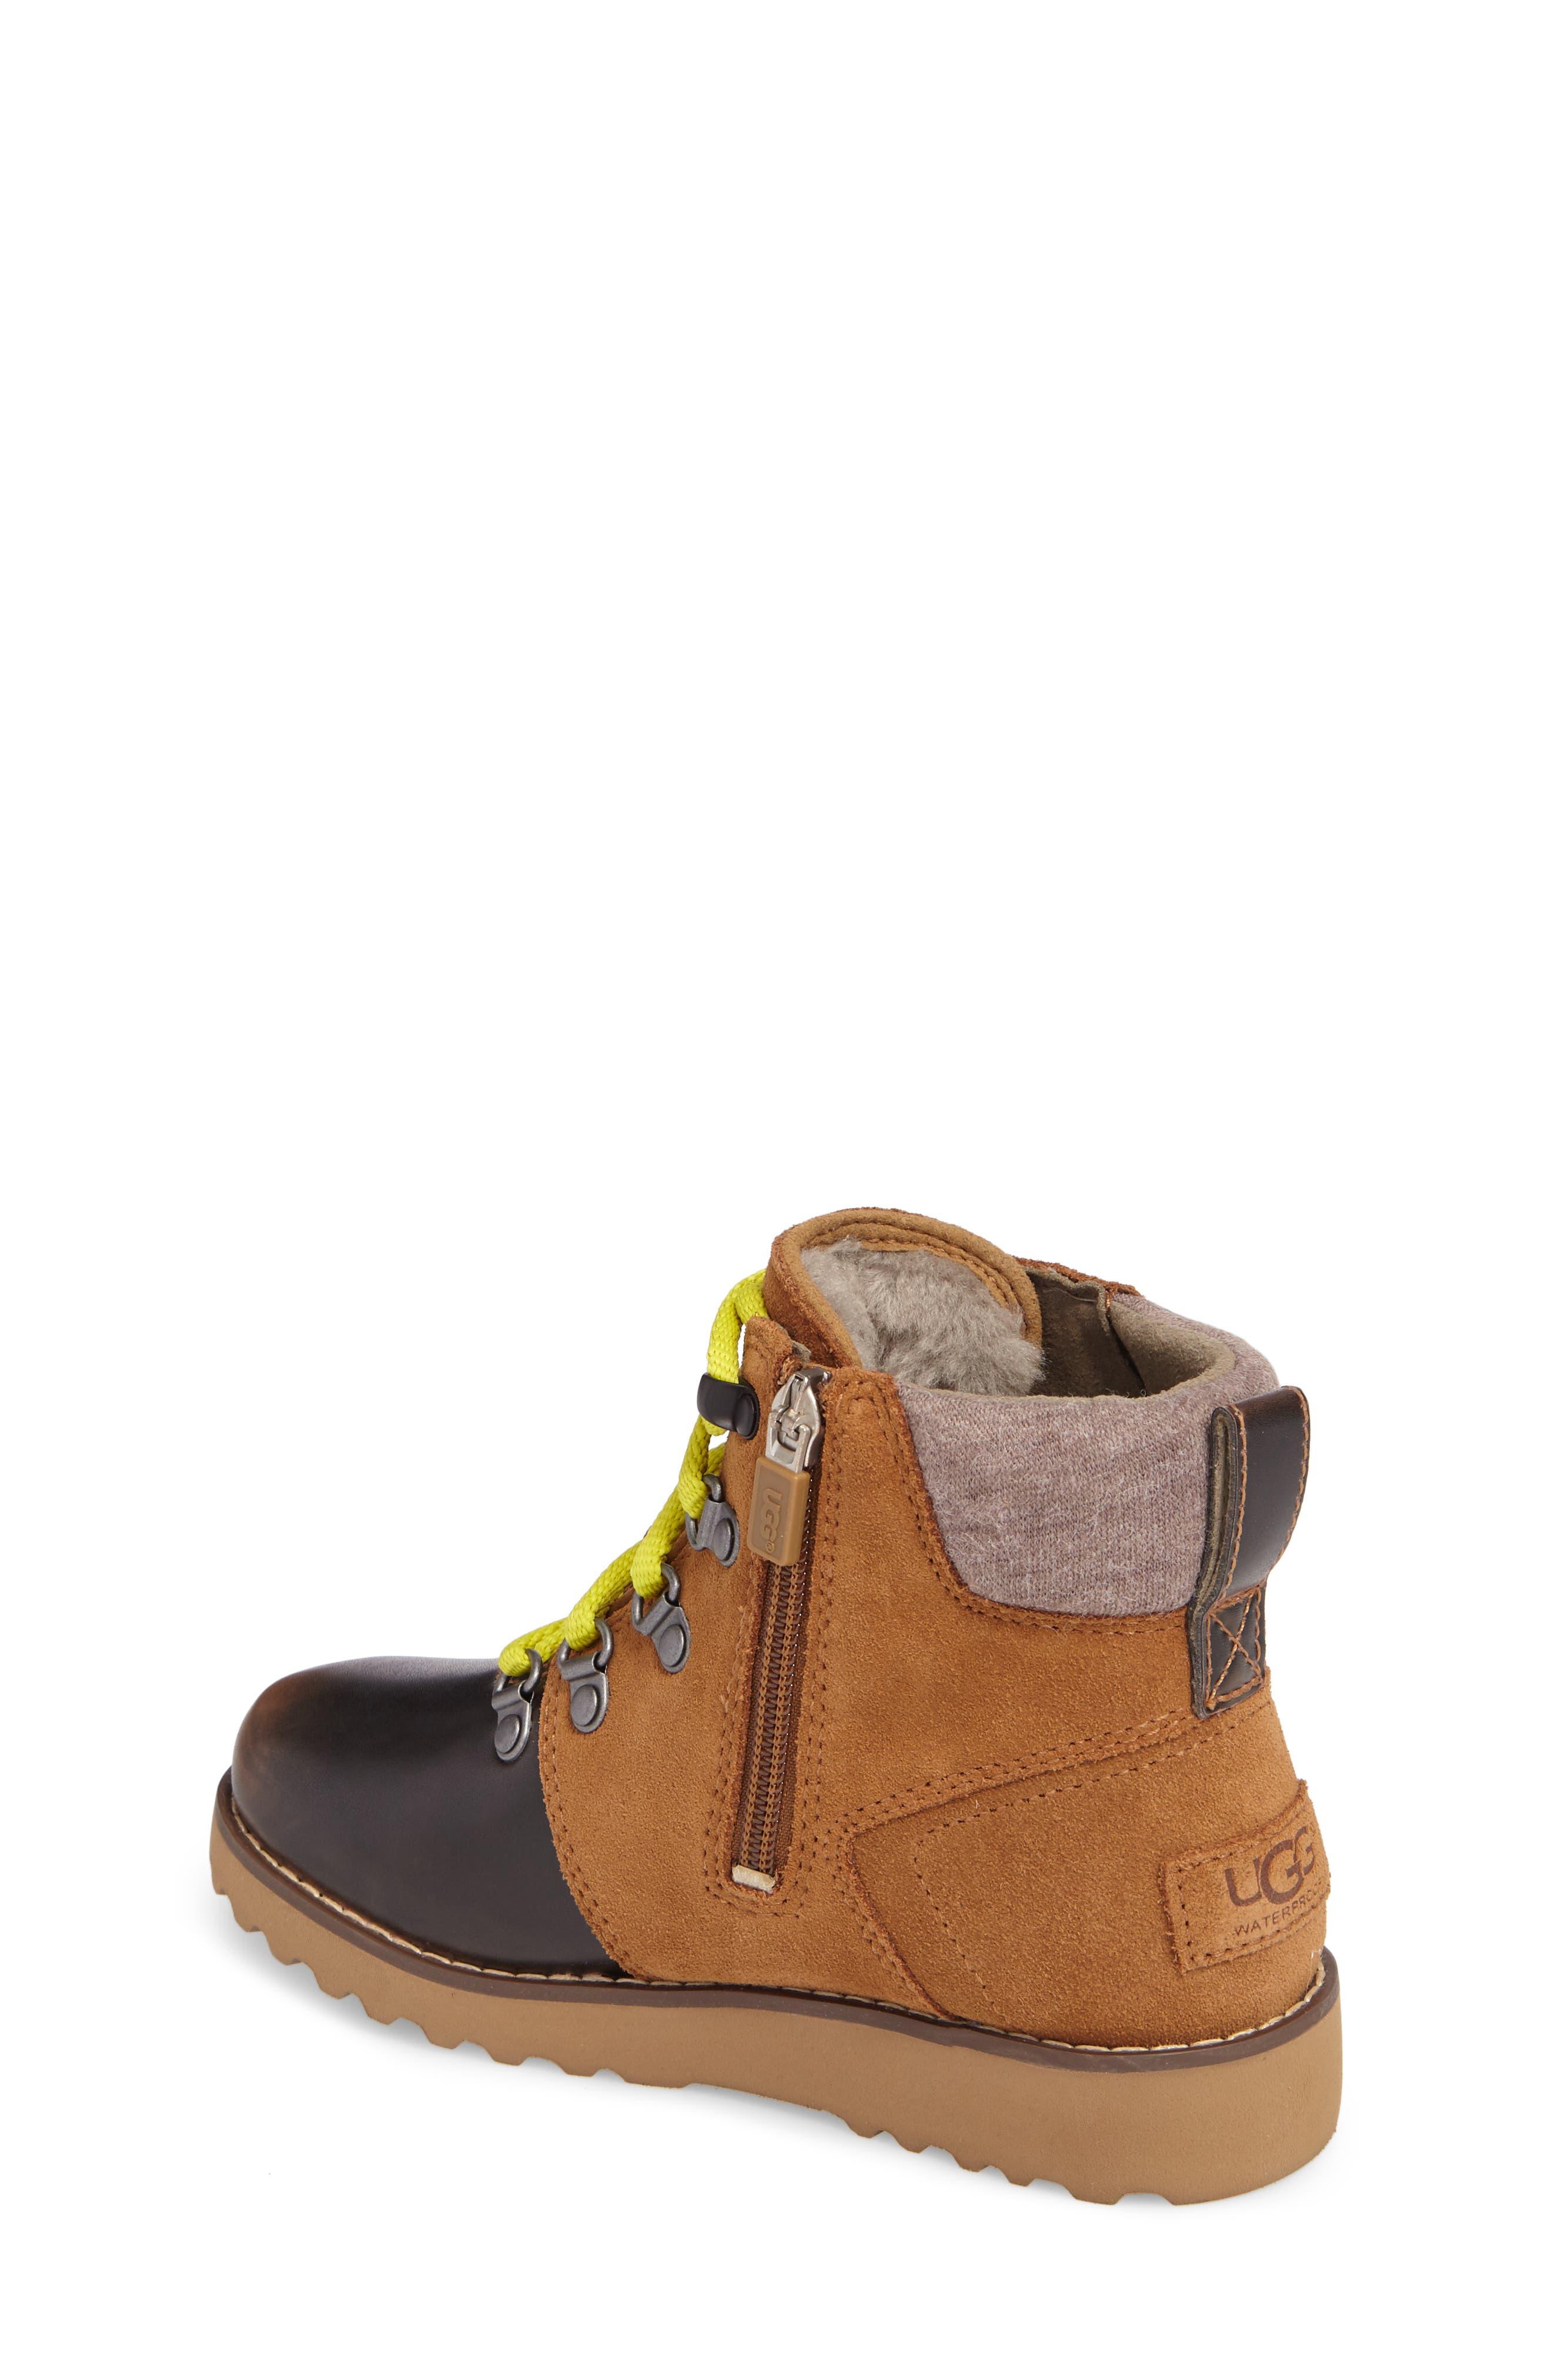 Alternate Image 2  - UGG® Hilmar Waterproof Winter Hiking Boot (Toddler, Little Kid & Big Kid)